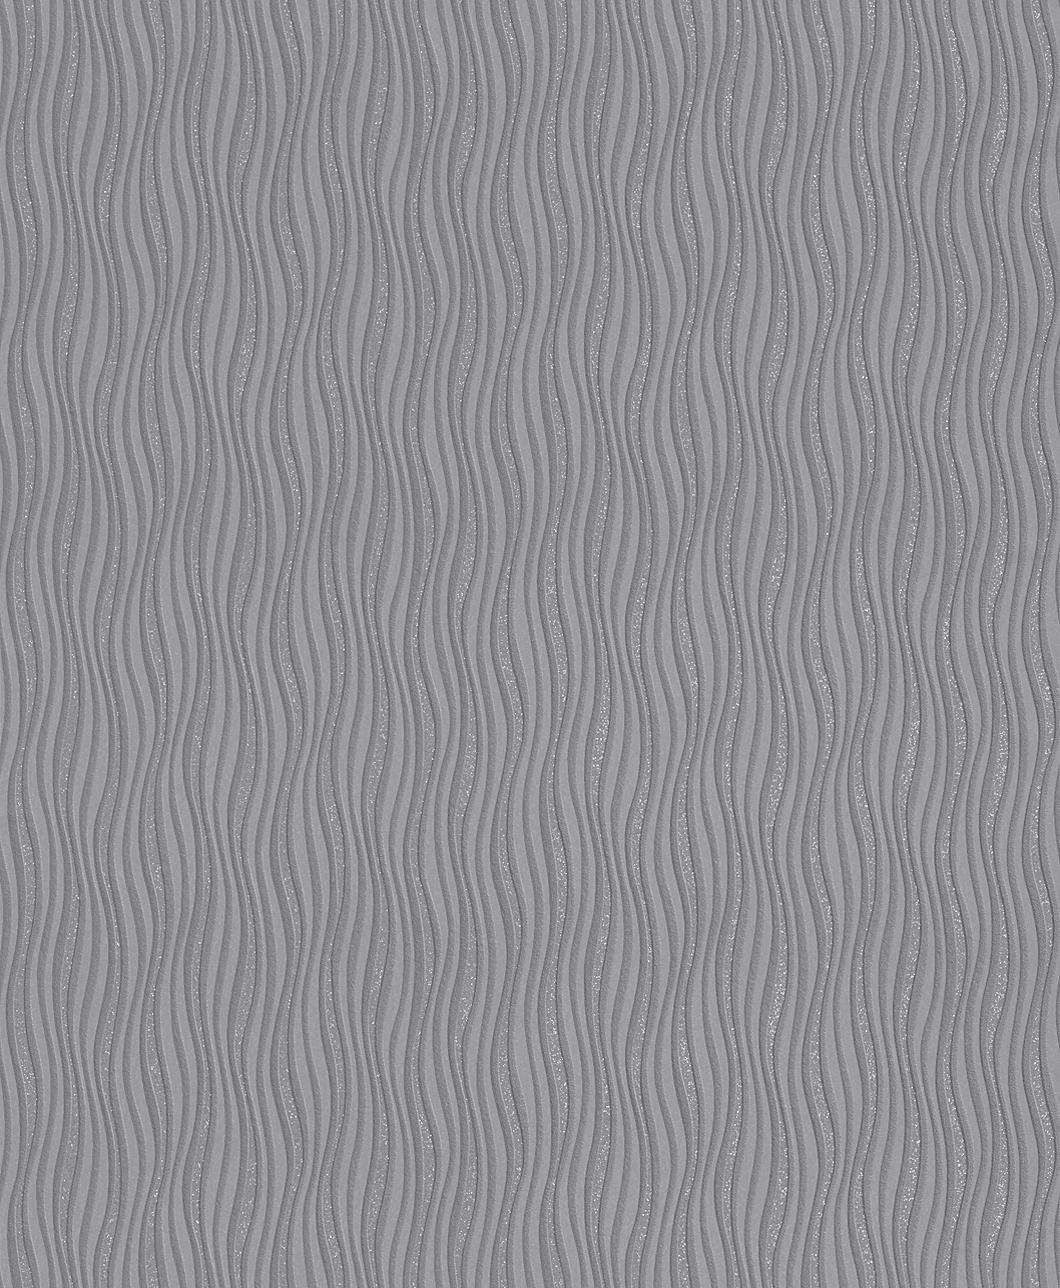 Tapeta na zeď Rasch Shiny Chic 317626 | 0,53 x 10,05 m (Vinylová tapeta - šedá)